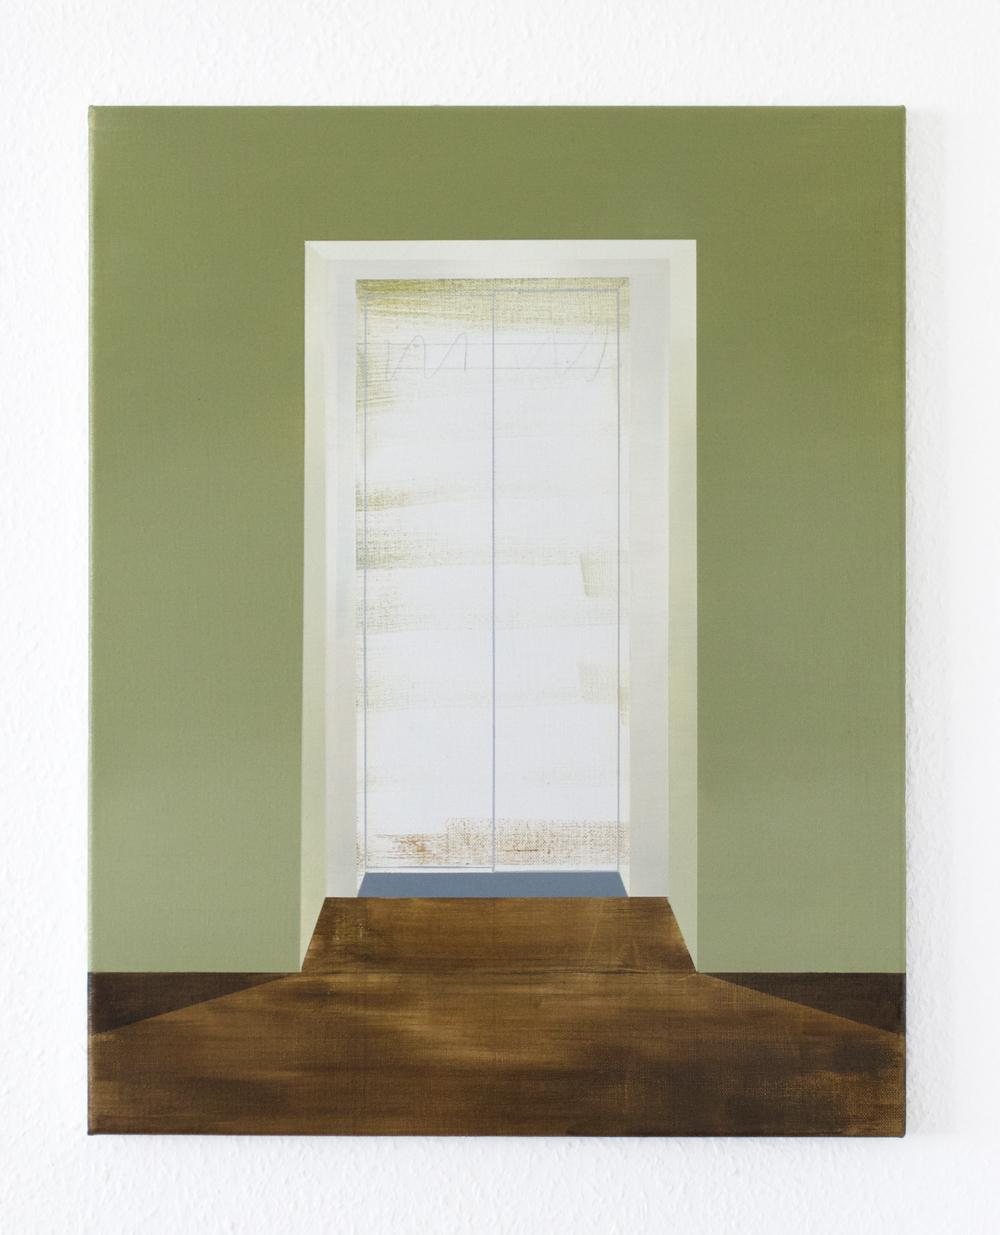 Fahrstuhl, 2020, oil on canvas, 70 x 50 cm